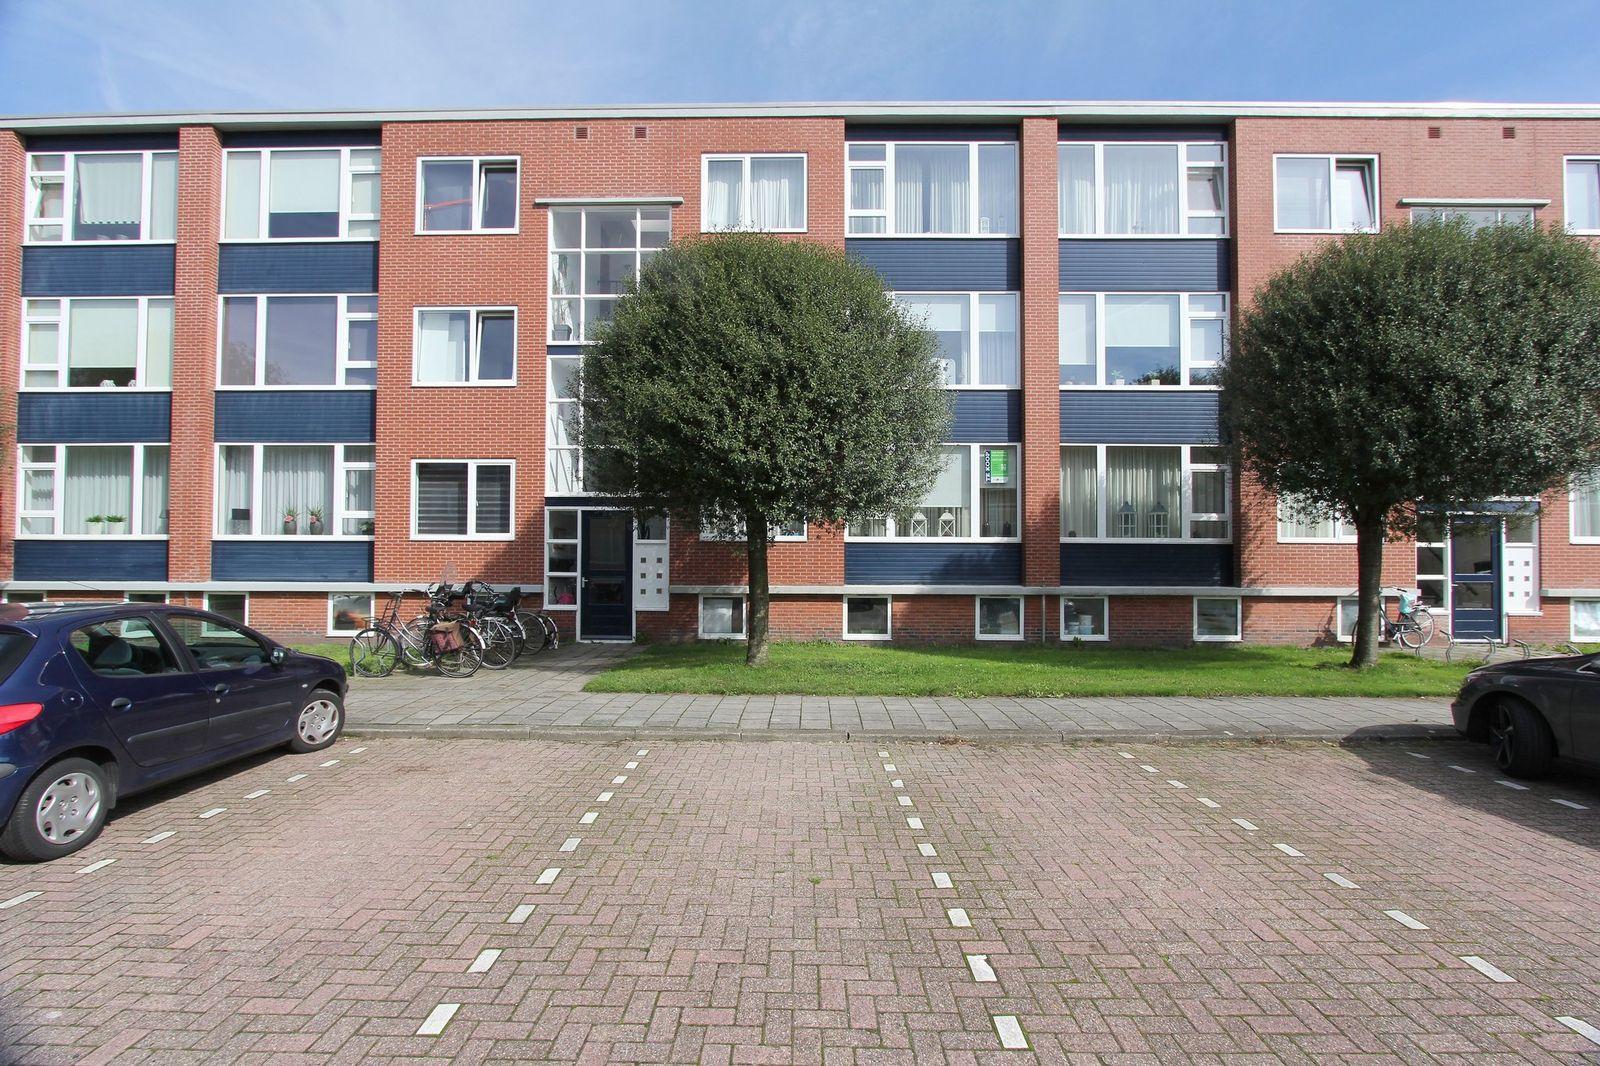 Iepenlaan 13, Winschoten